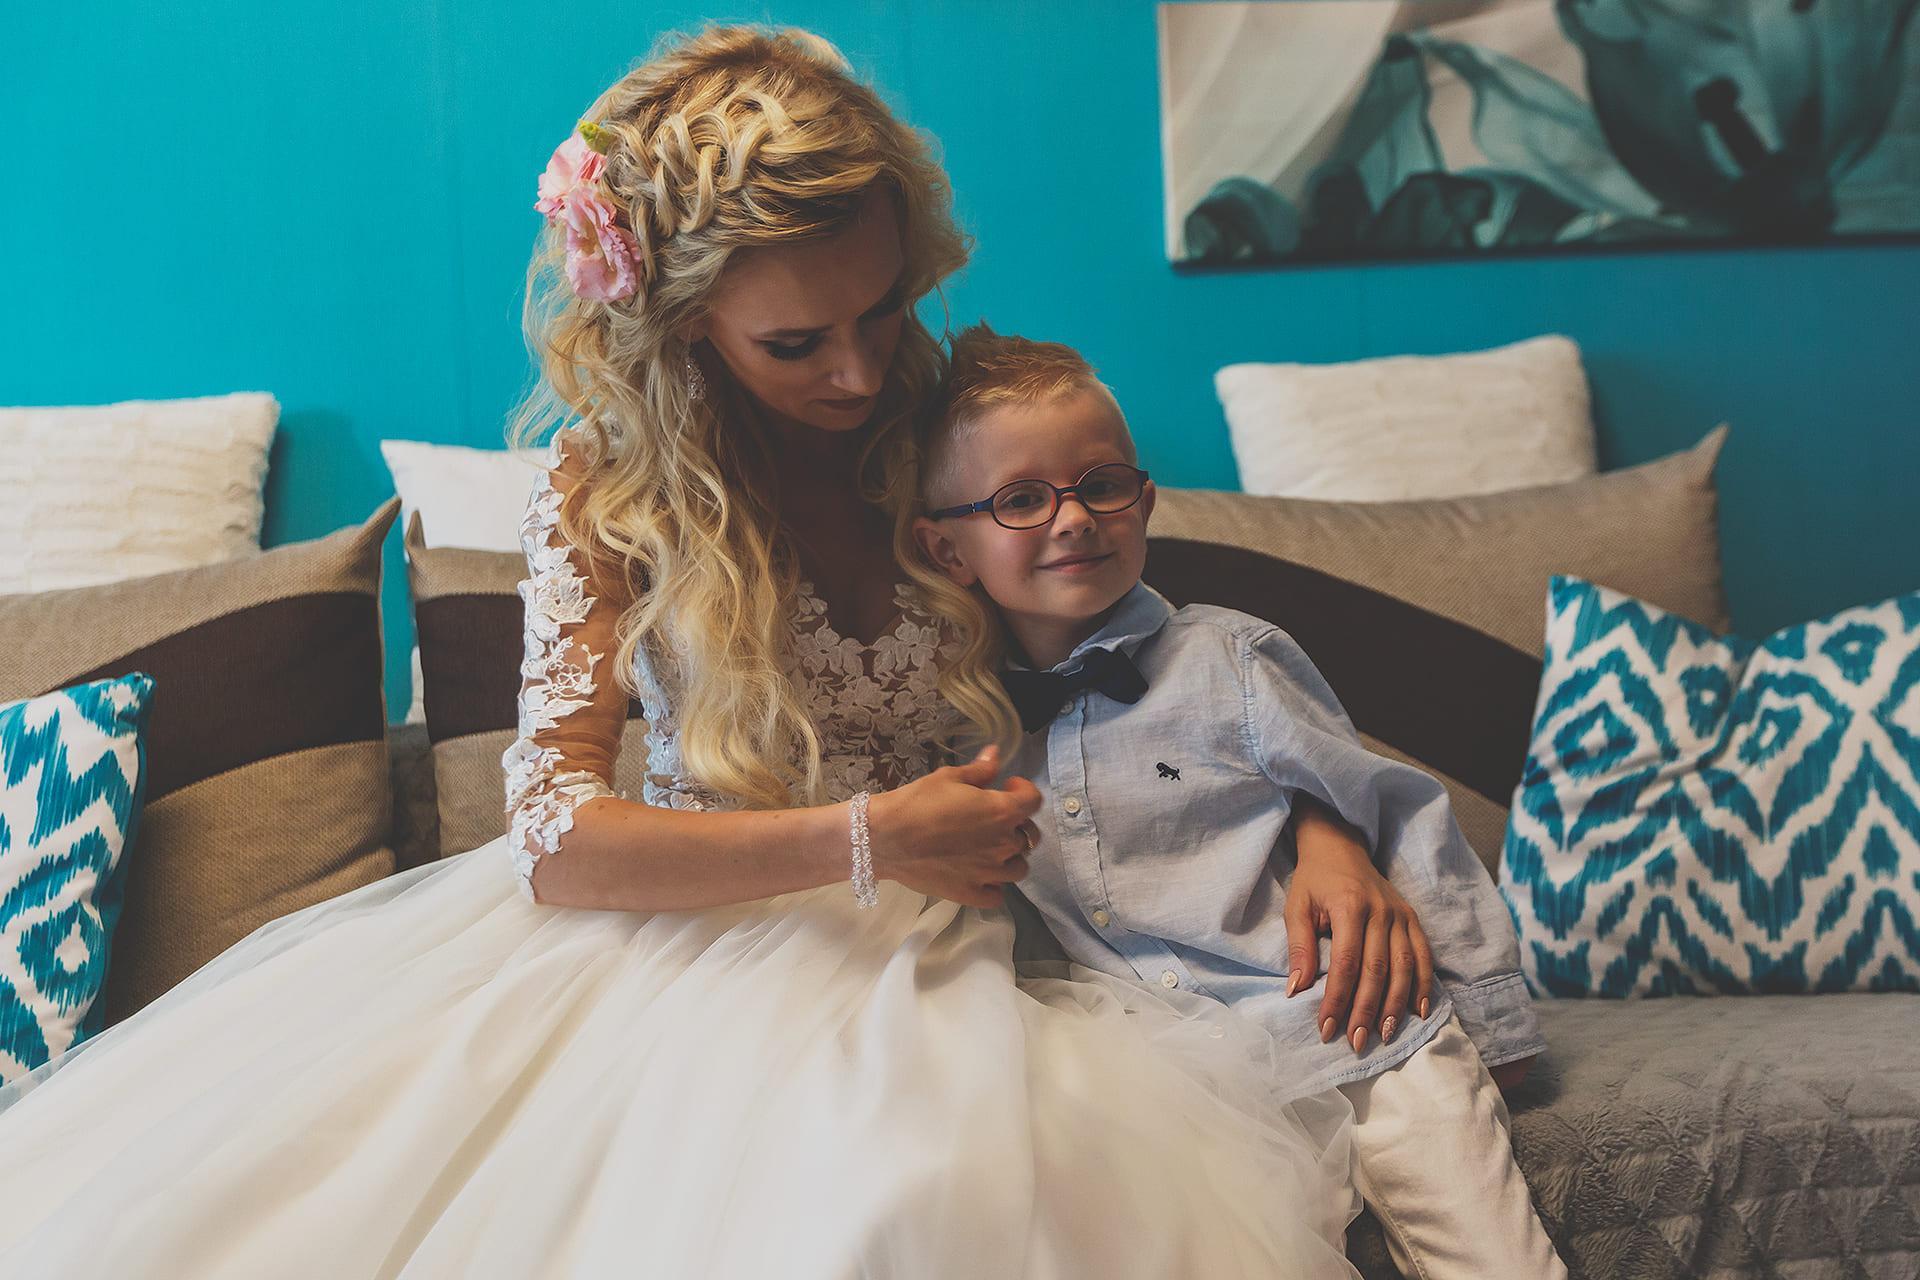 Przygotowania - Zdjęcie z synkiem przed ślubem